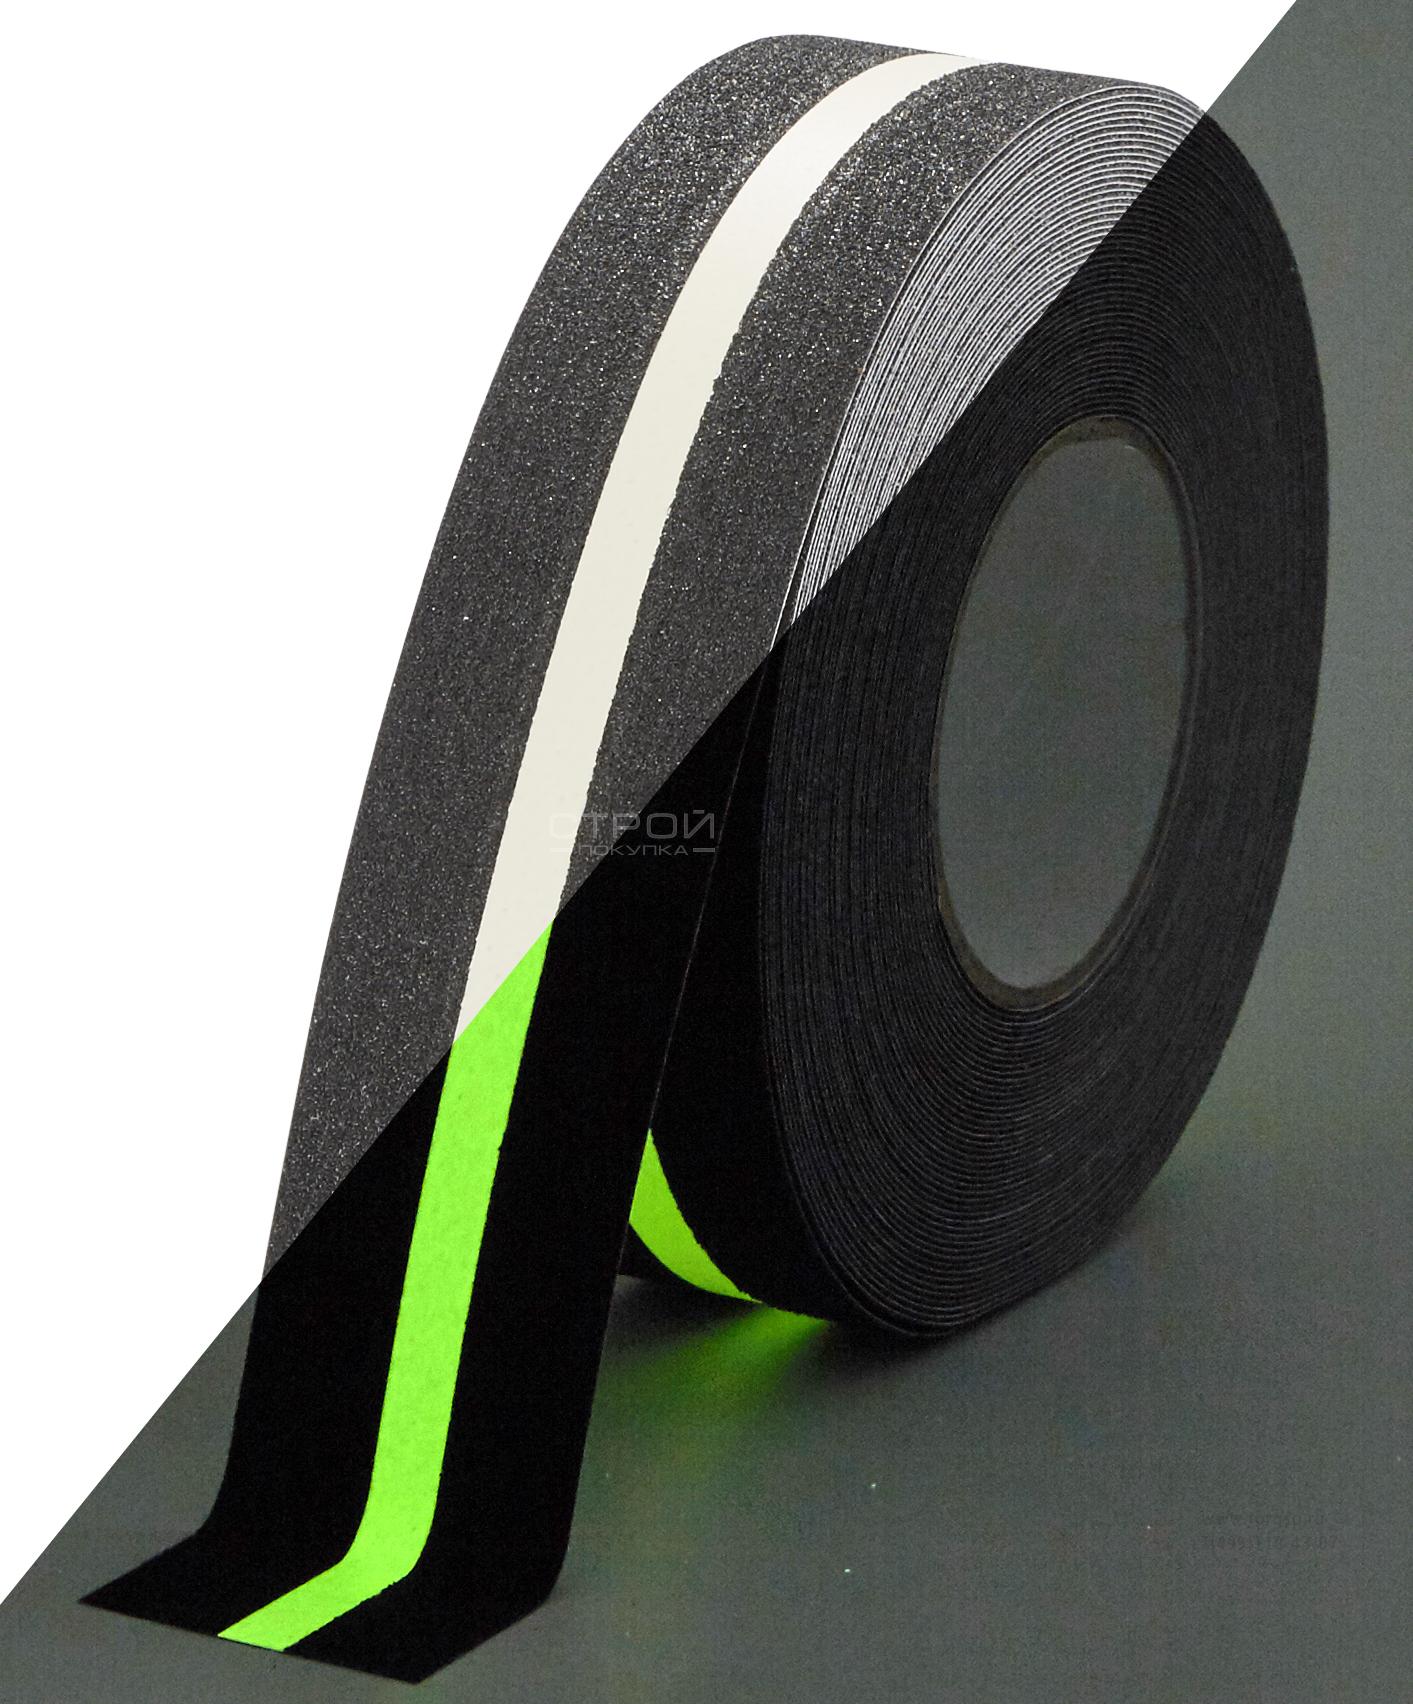 Черная лента фотолюминесцентная Heskins с  неабразивной полосой.